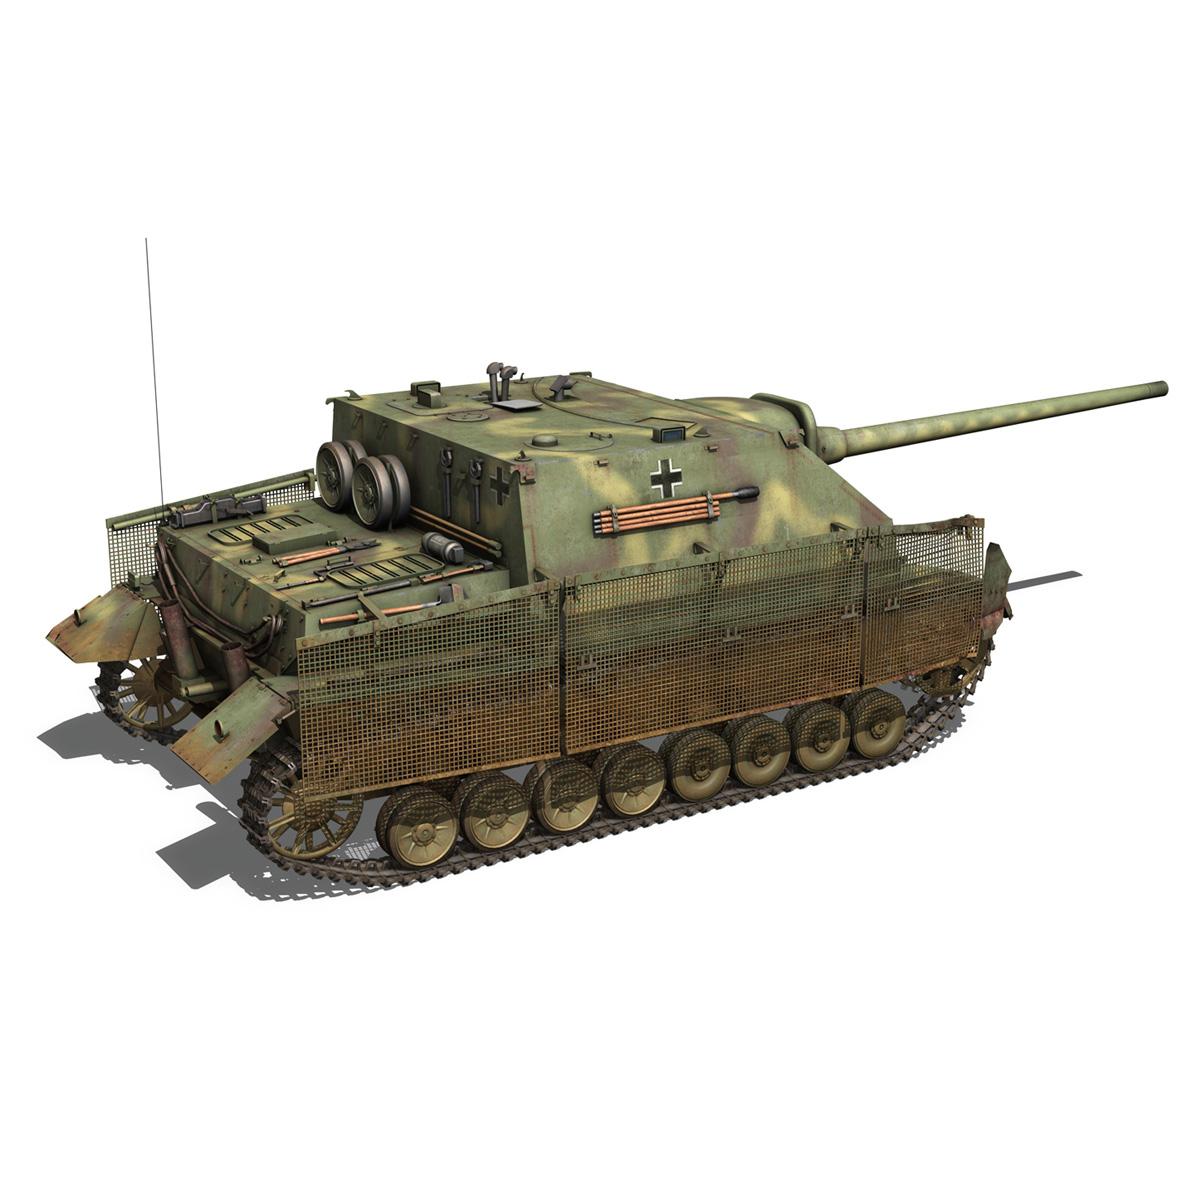 jagdpanzer iv l/70 (a) 3d model 3ds fbx c4d obj 200833